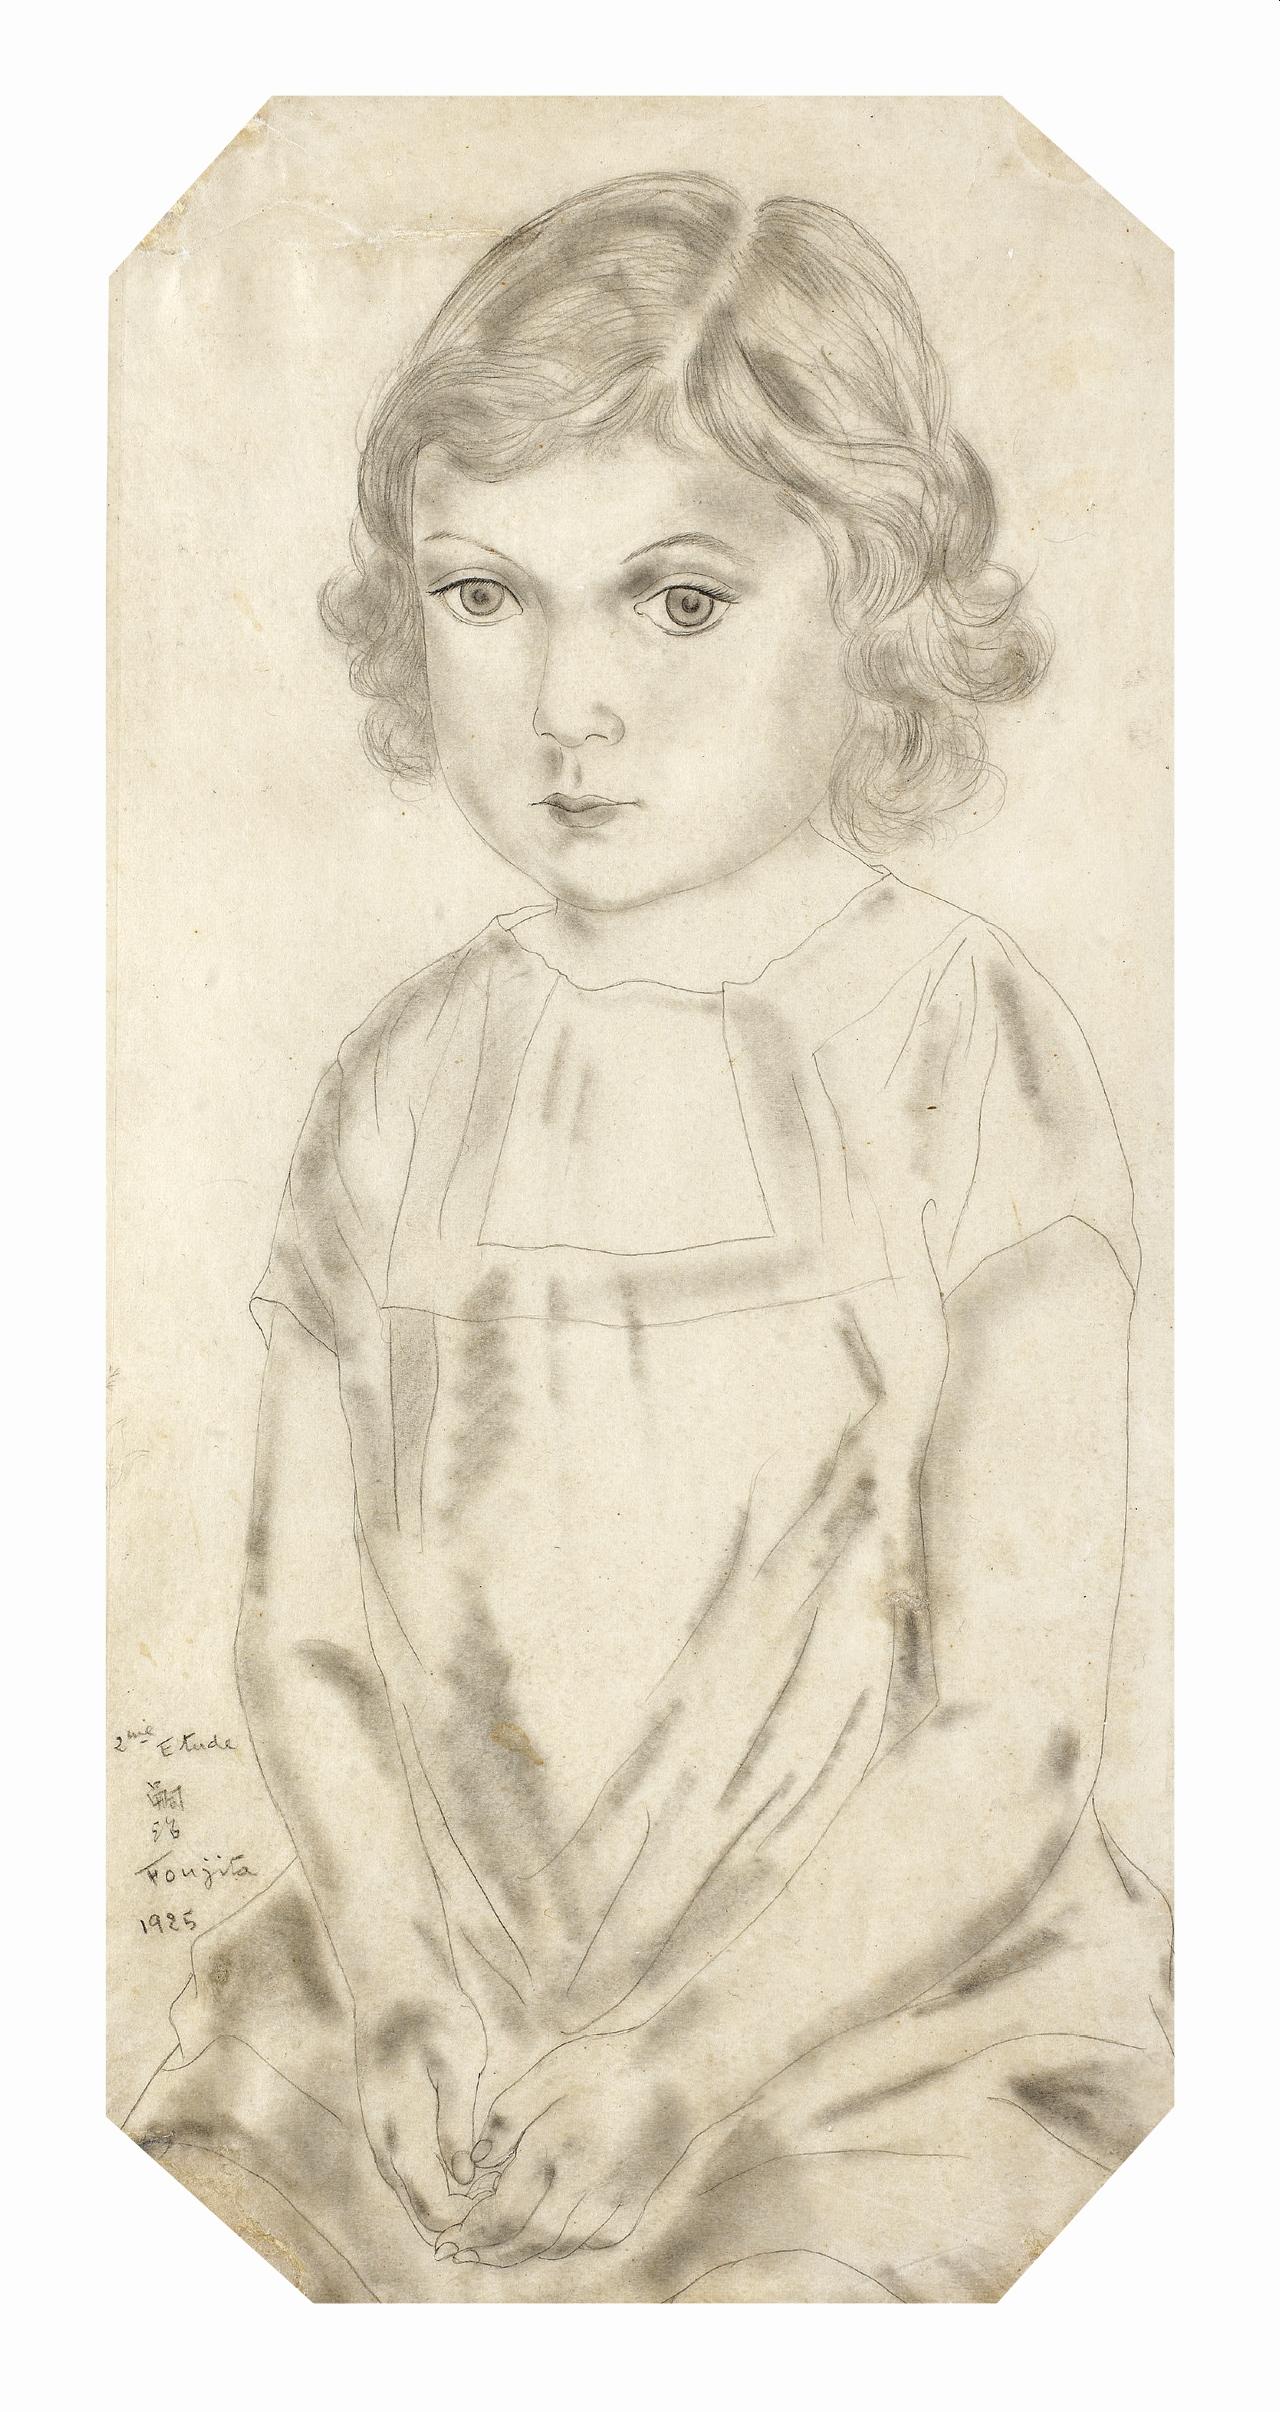 Lot 9 - Léonard Tsuguharu Foujita (1886-1968) Portrait de fillette (Philomène), 1925